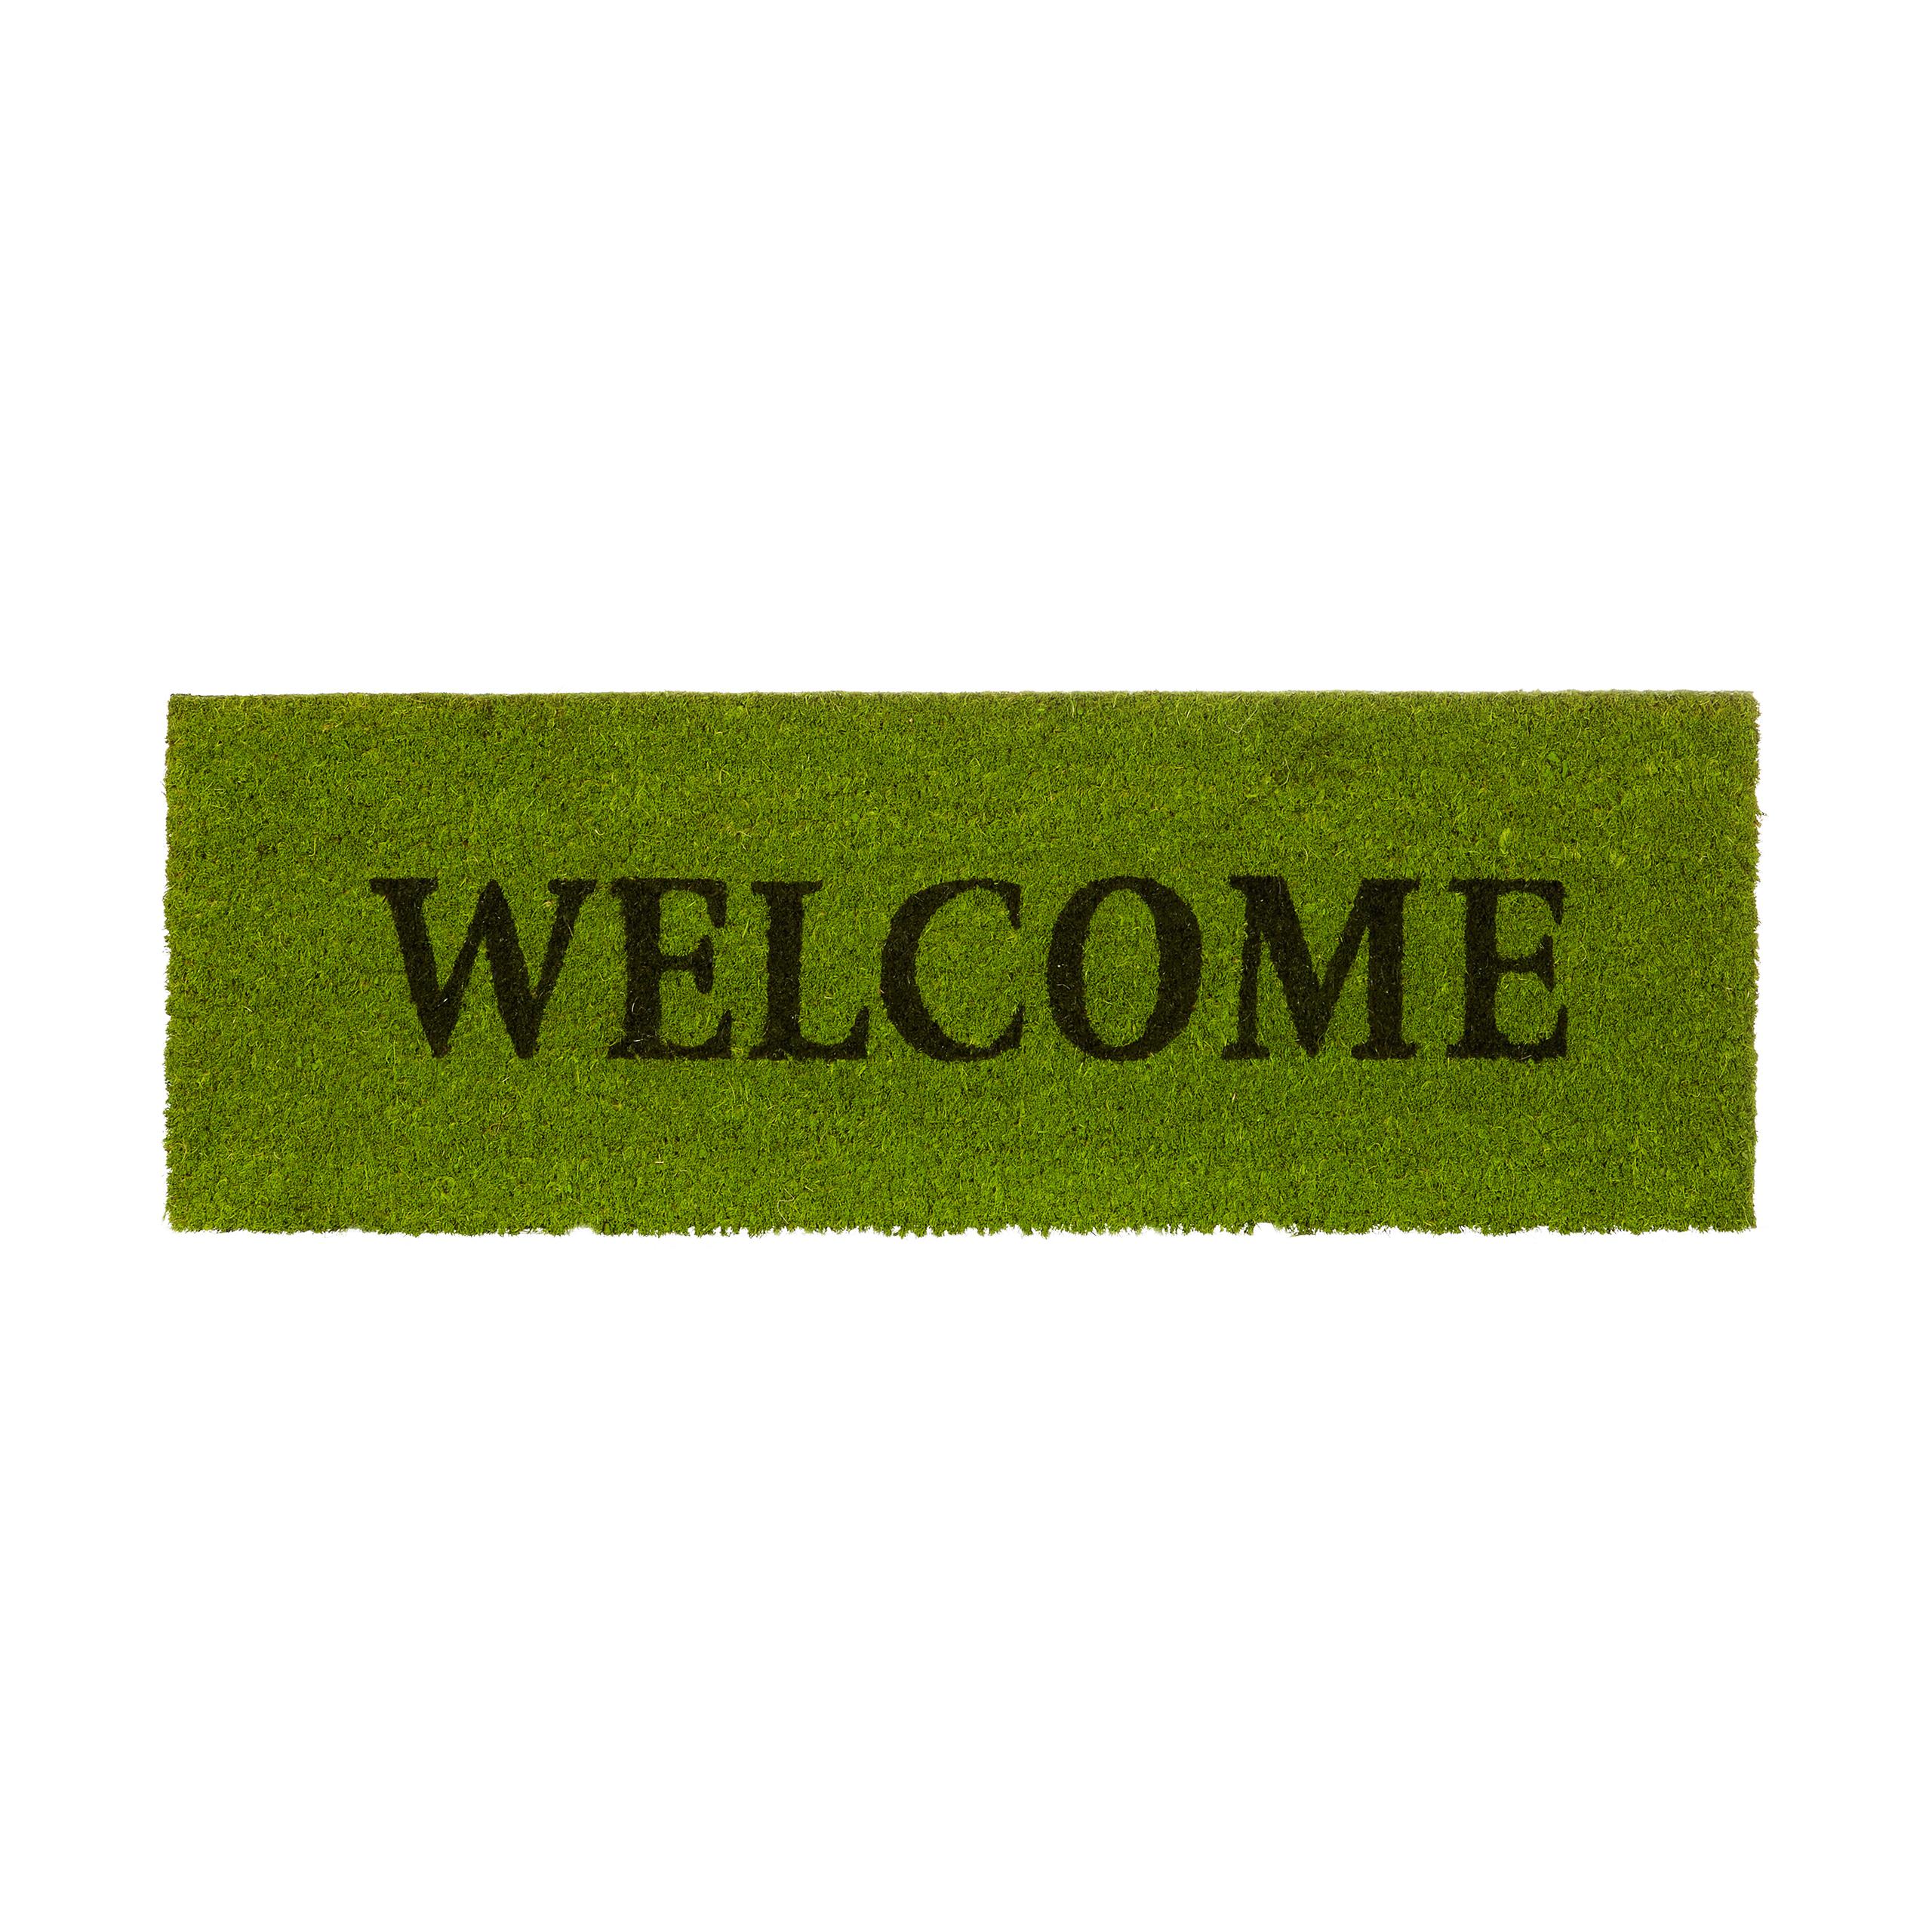 Felpudo-WELCOME-para-la-entrada-del-hogar-antideslizante-alfombra-PVC-fibra-coco